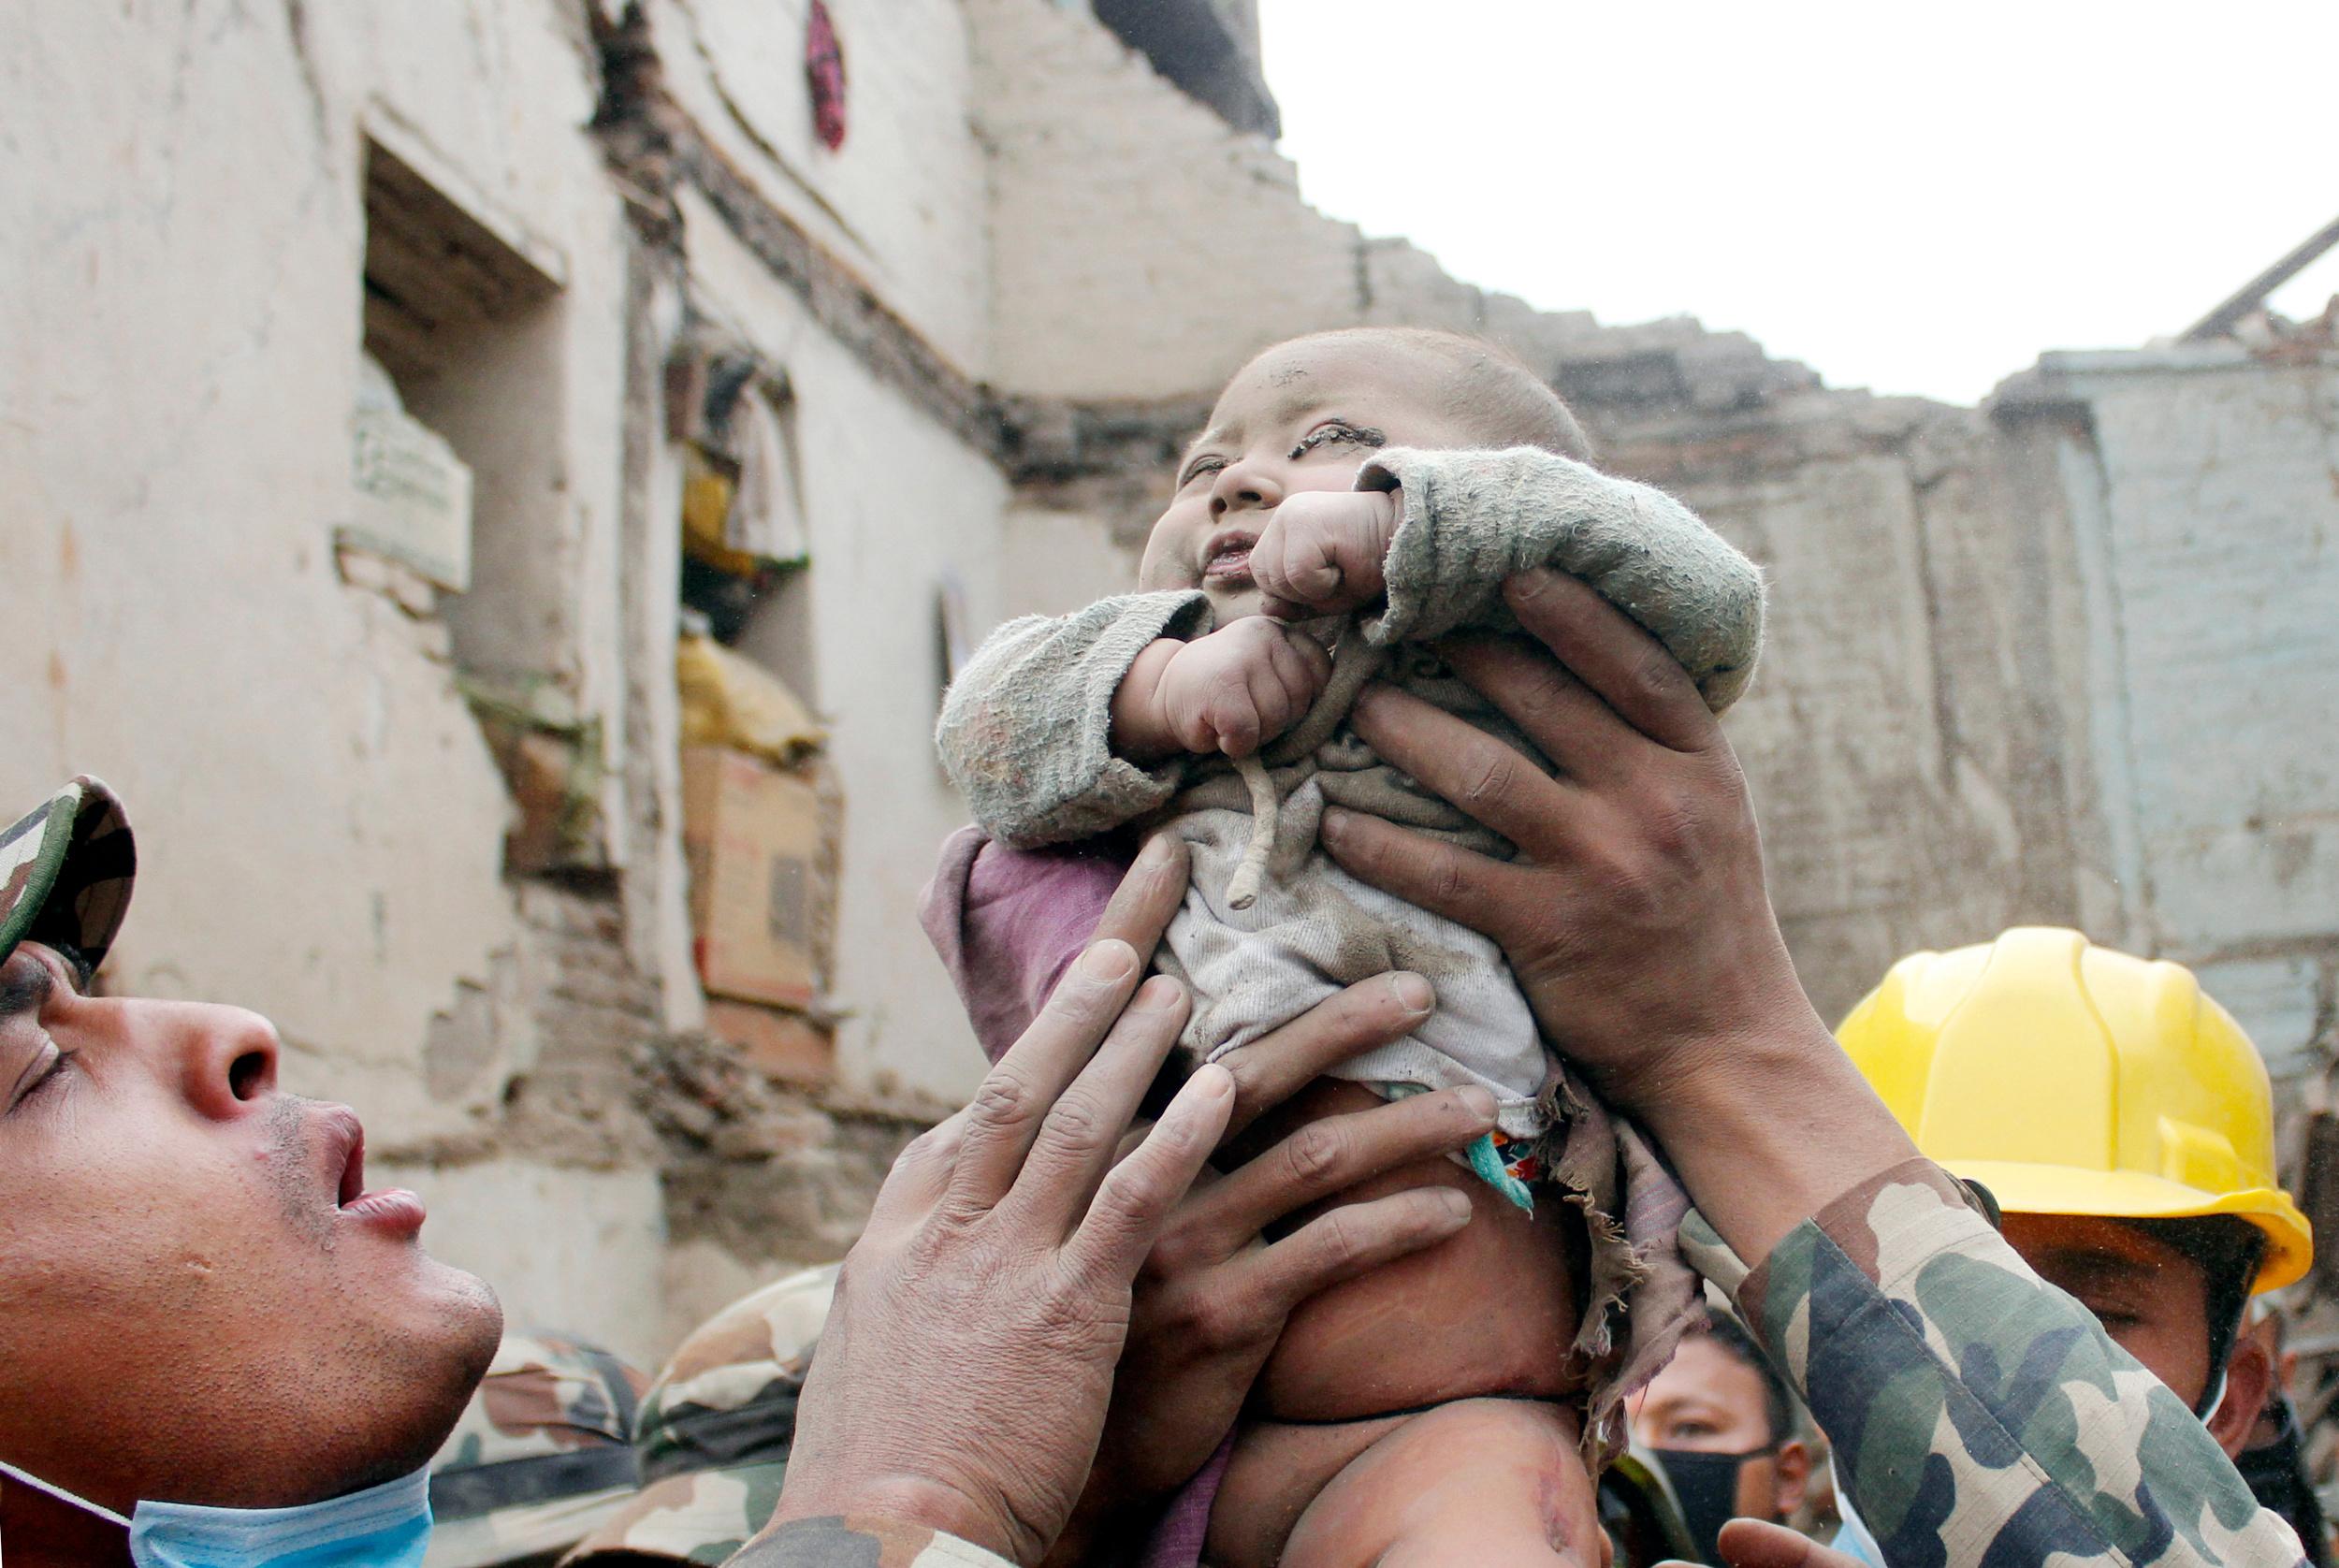 Amul Thapa / KathmanduToday.com via AP